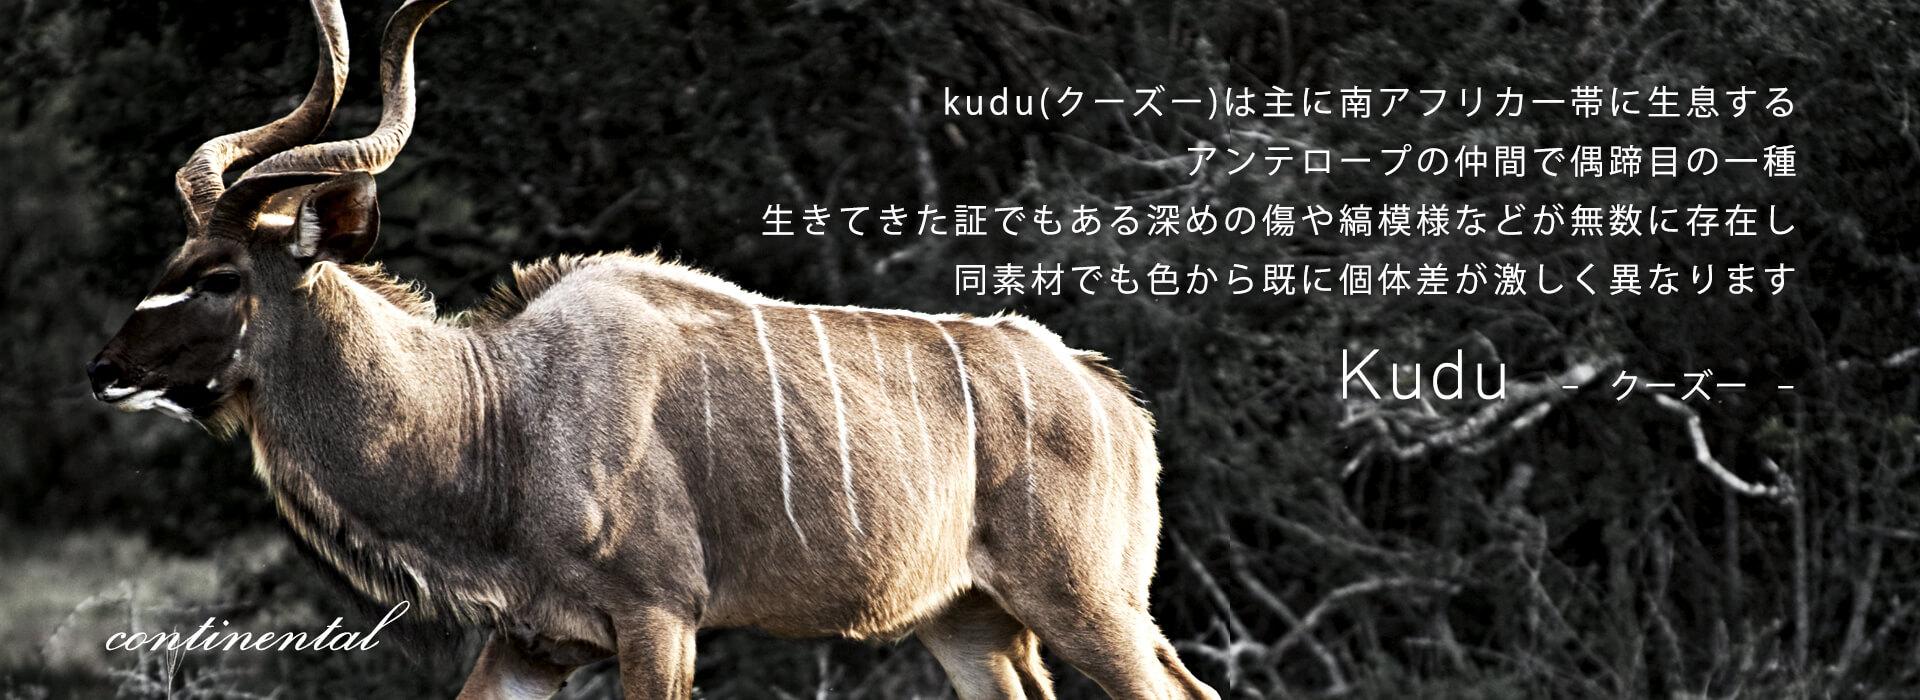 continental_kudu